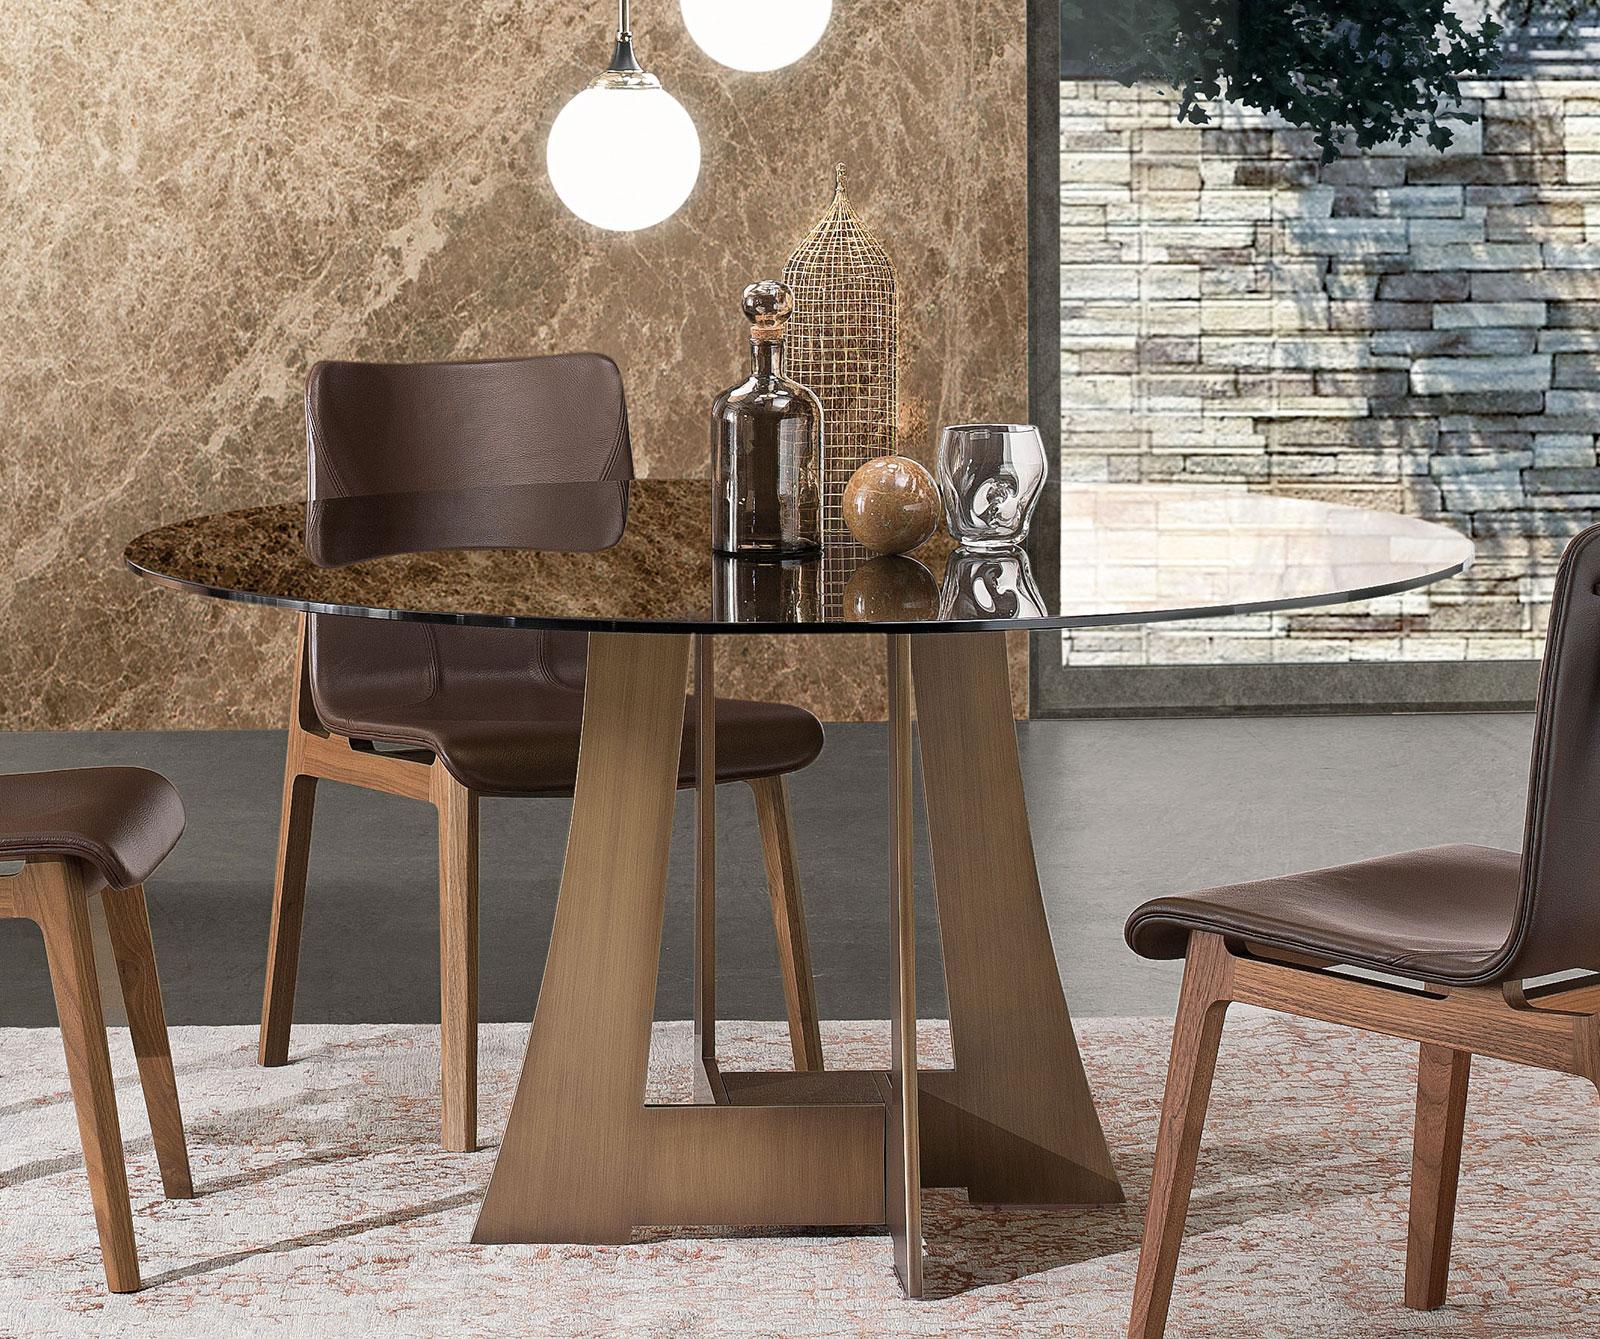 Mia tavolo da pranzo rotondo italy dream design for Offerte tavoli da pranzo